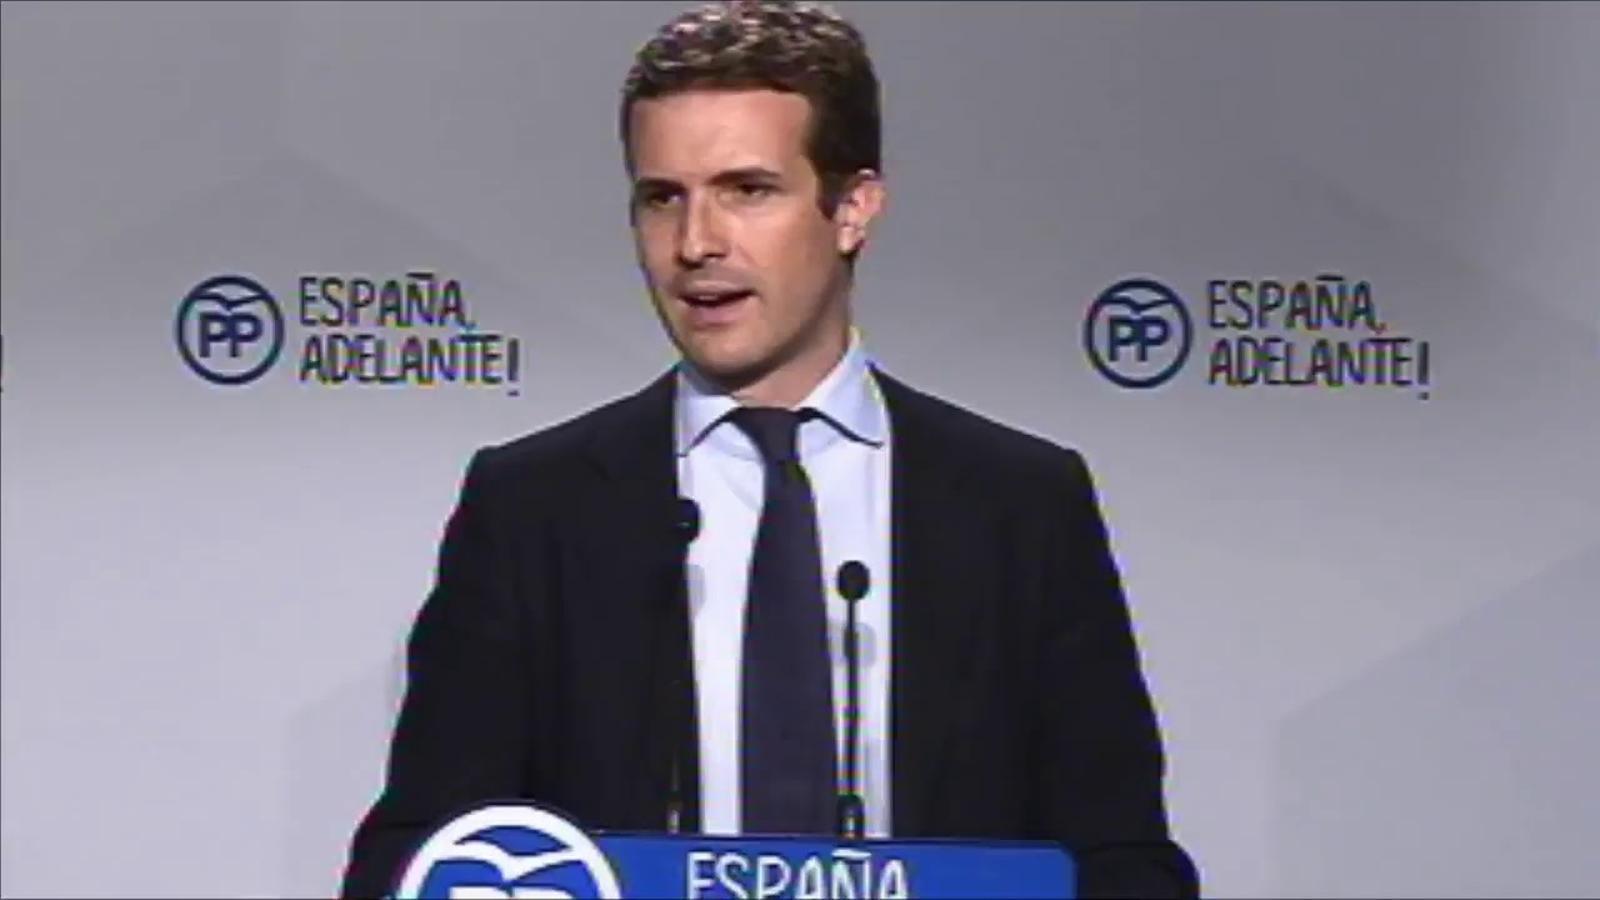 Roda de premsa de Pablo Casado